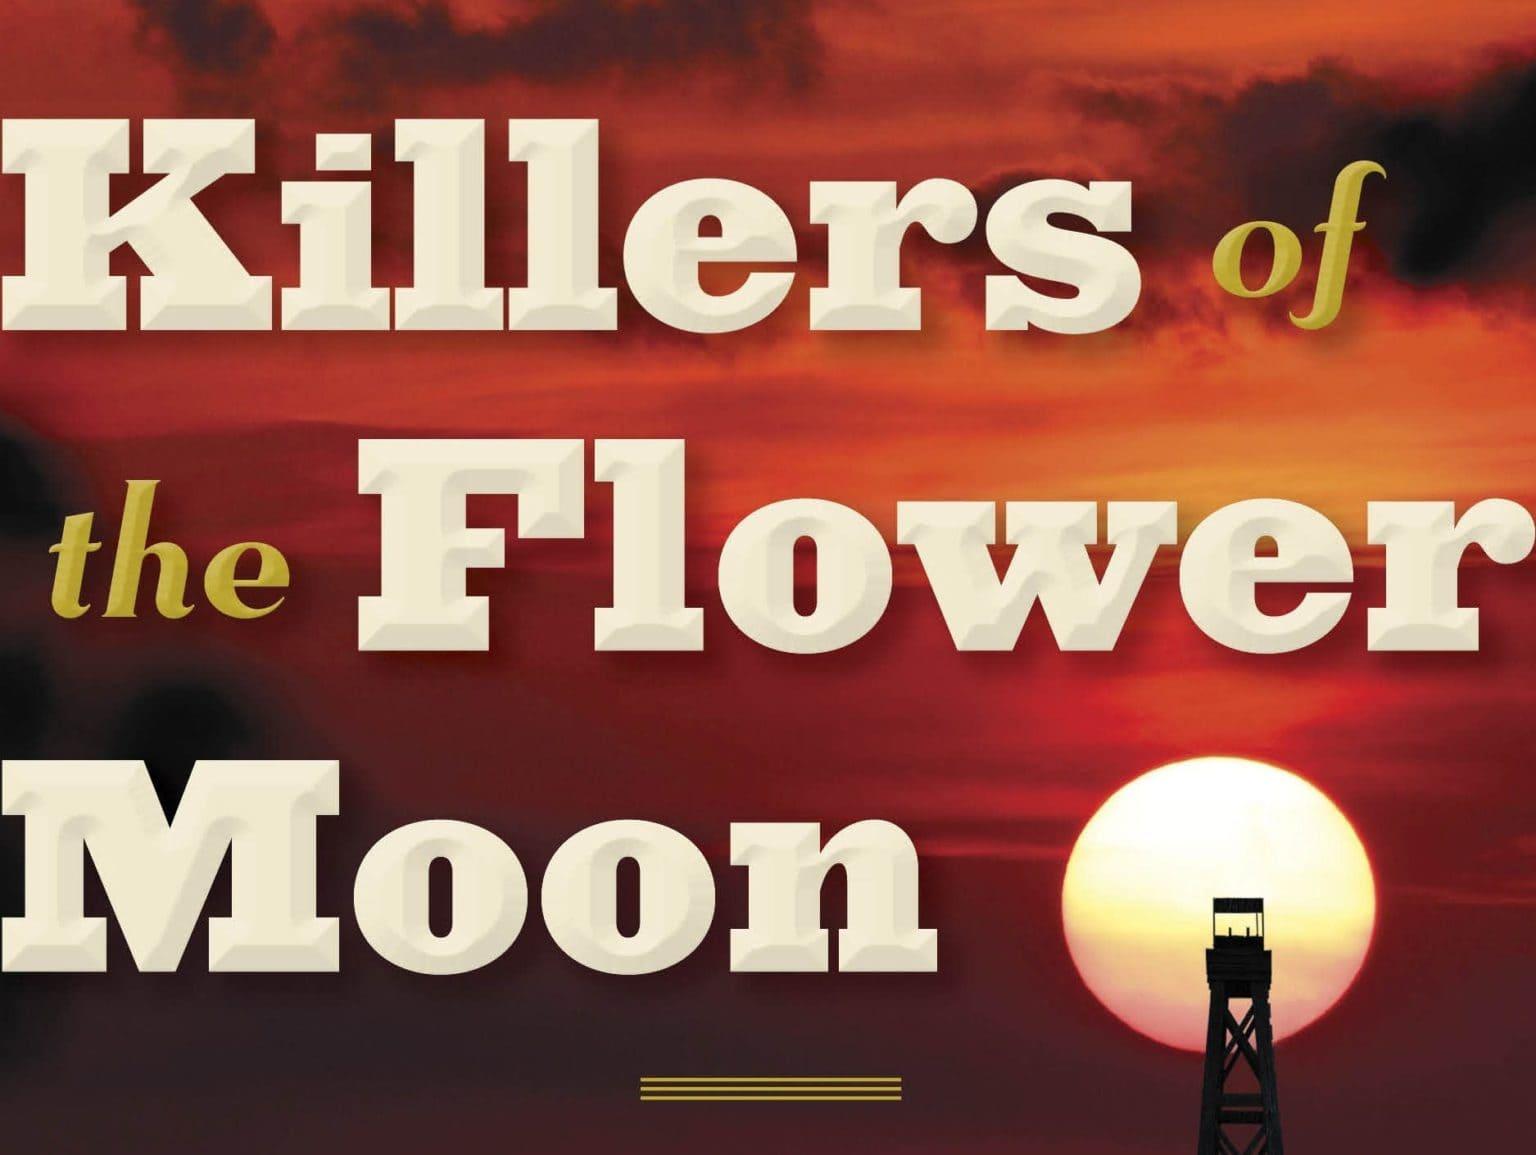 Killersoftheflowermoon